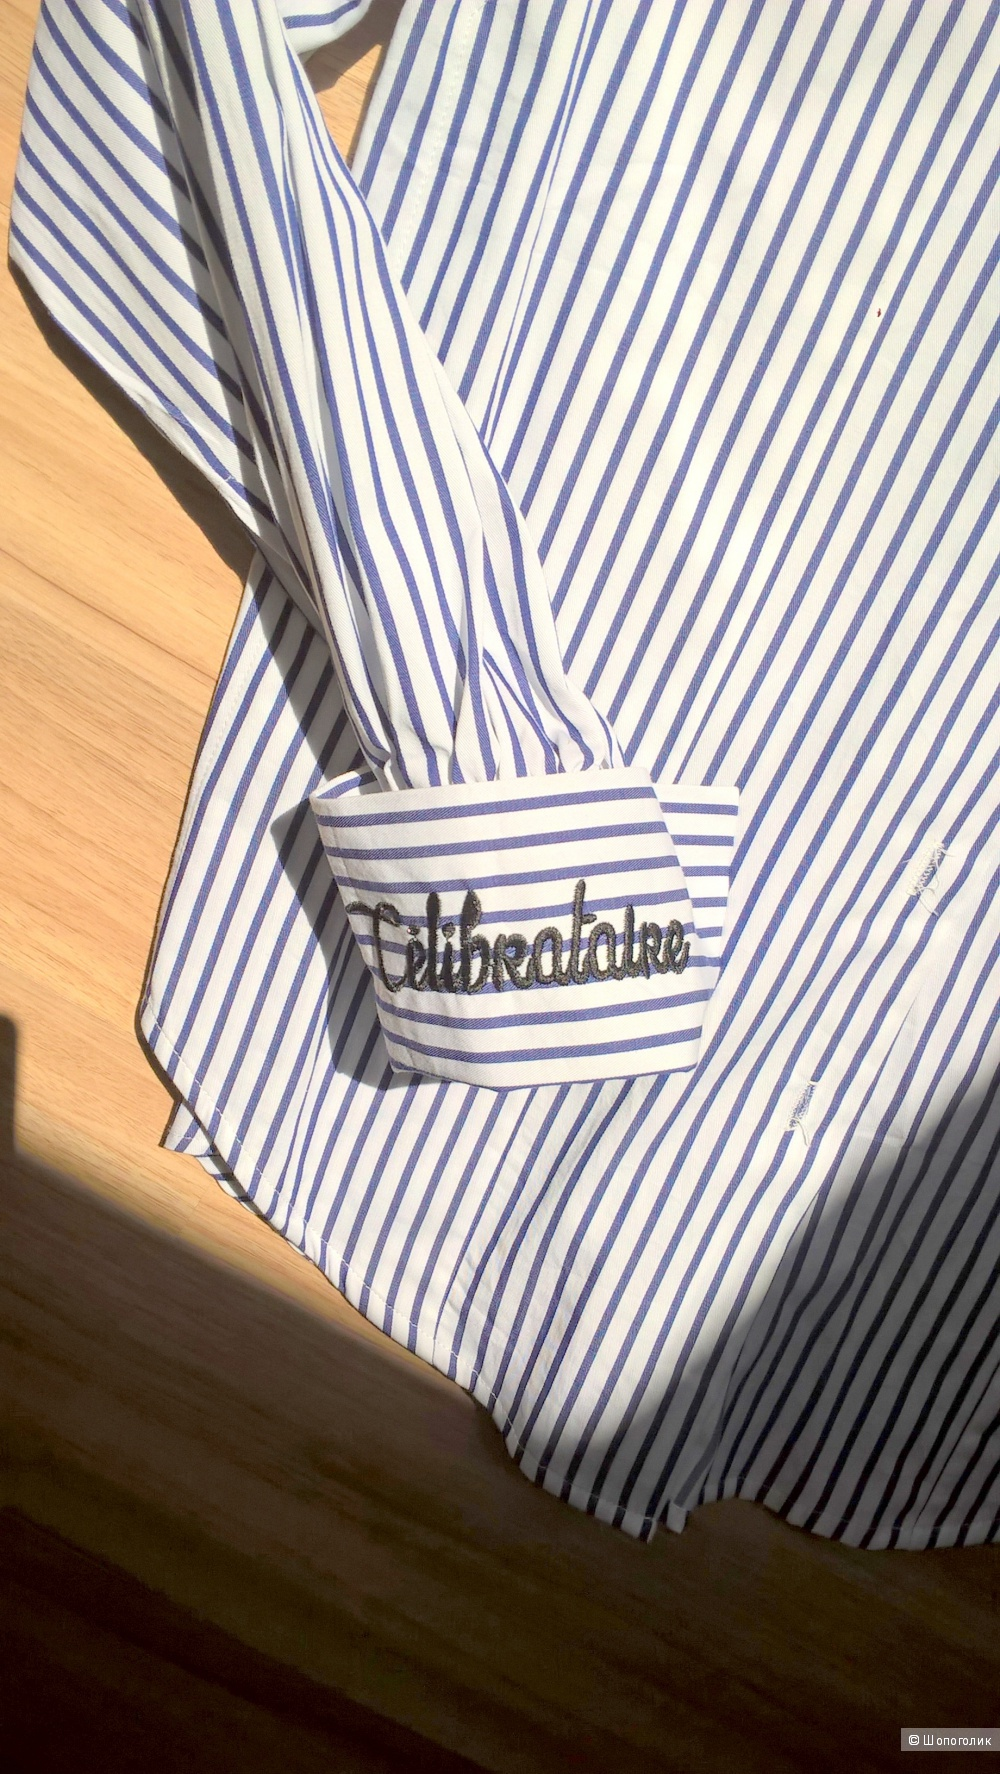 Рубашка. One More. Р-р XS.